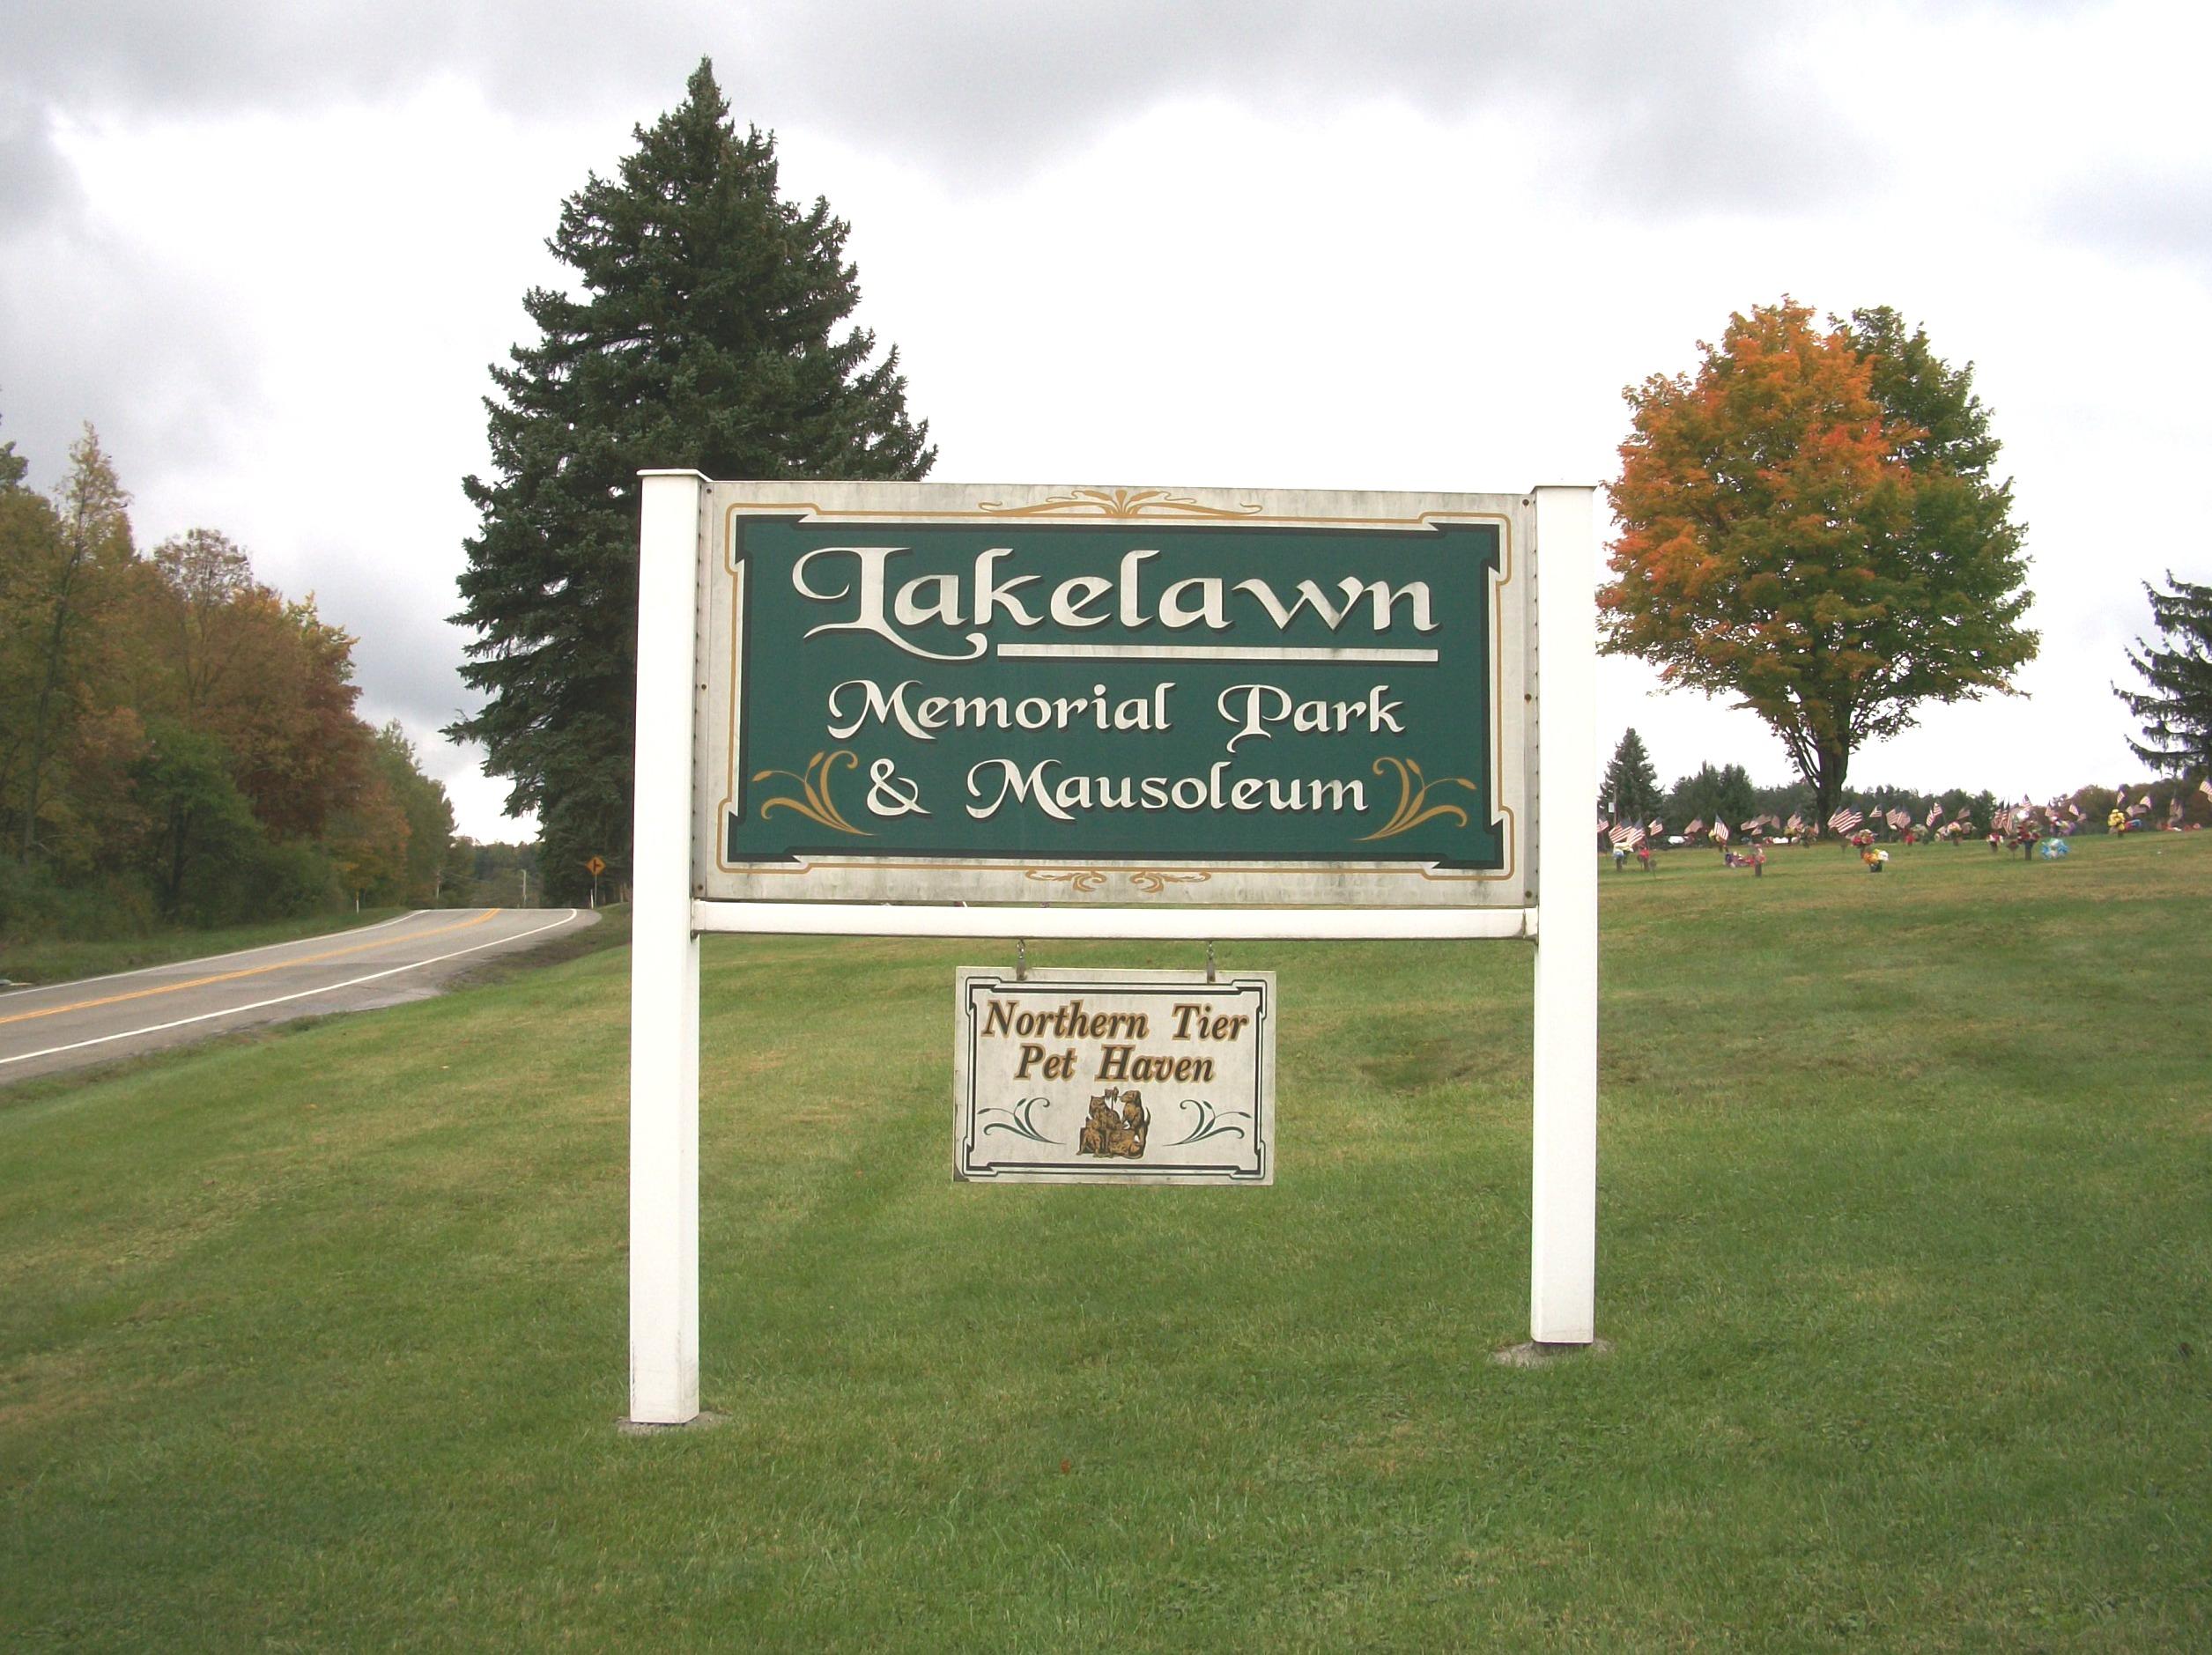 Lakelawn Memorial Park and Mausoleum